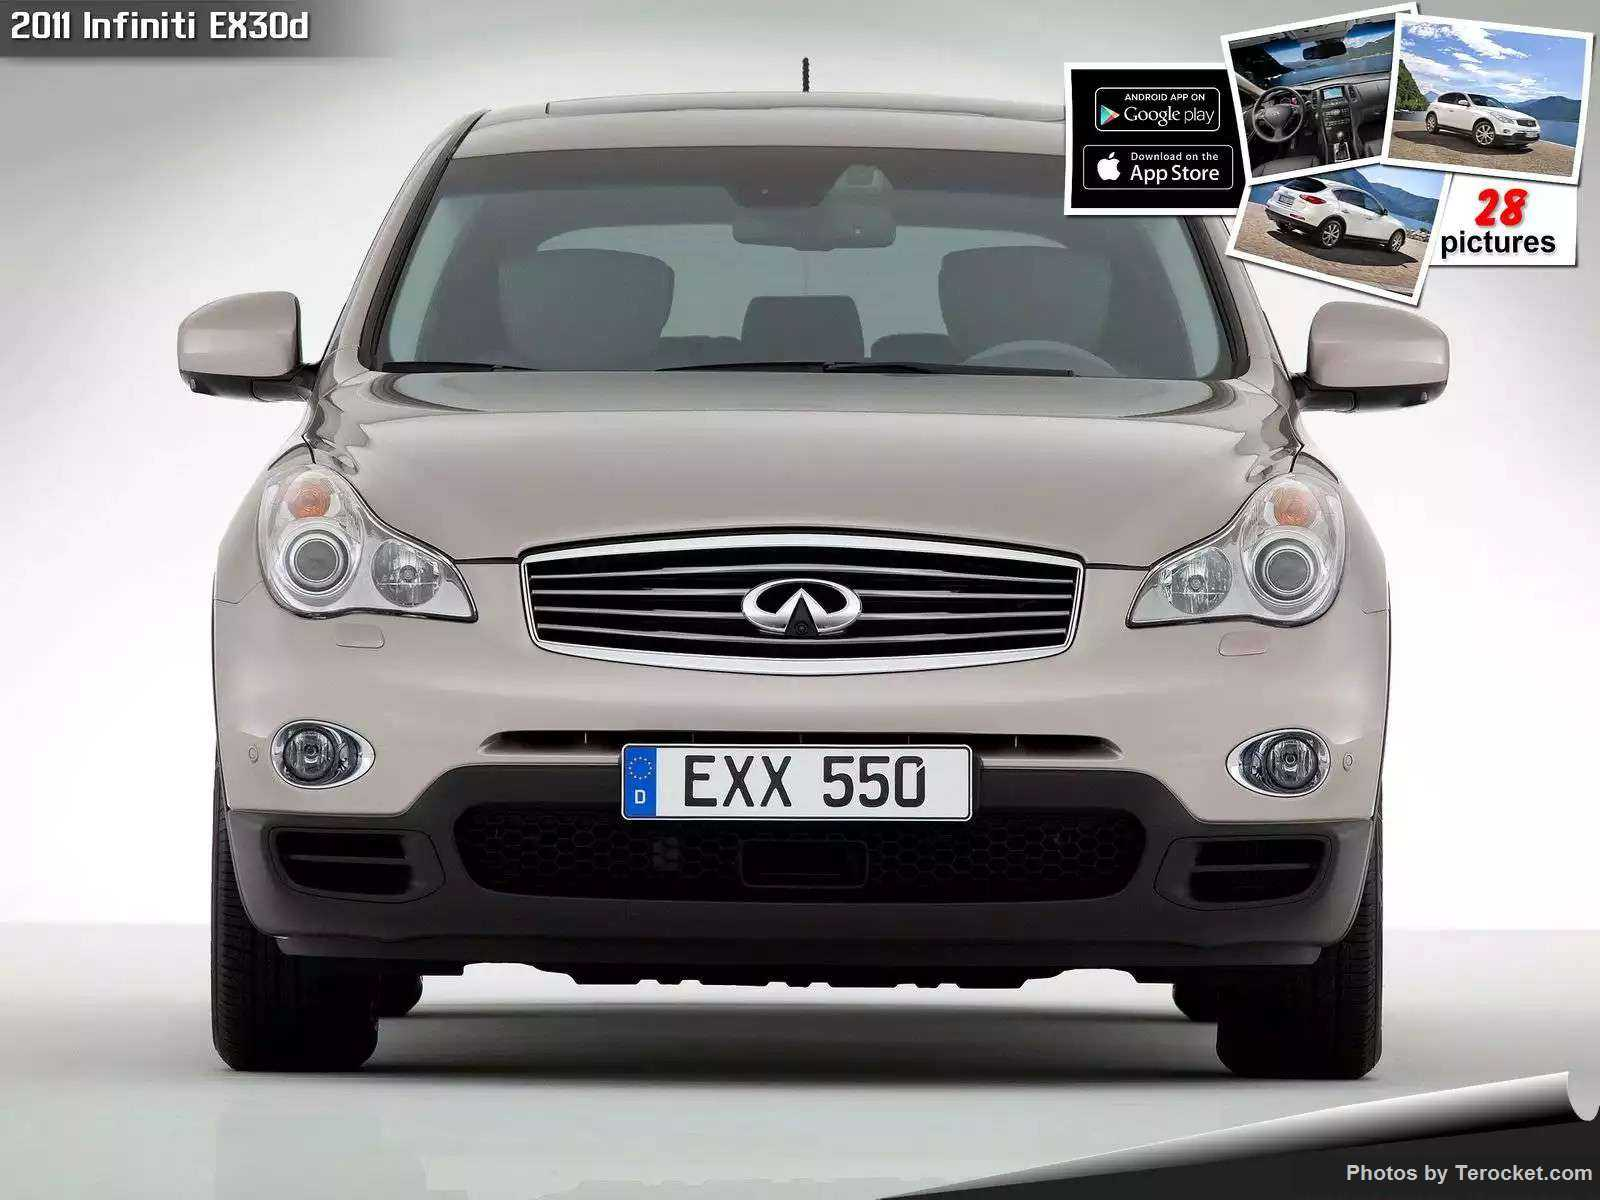 Hình ảnh xe ô tô Infiniti EX30d 2011 & nội ngoại thất